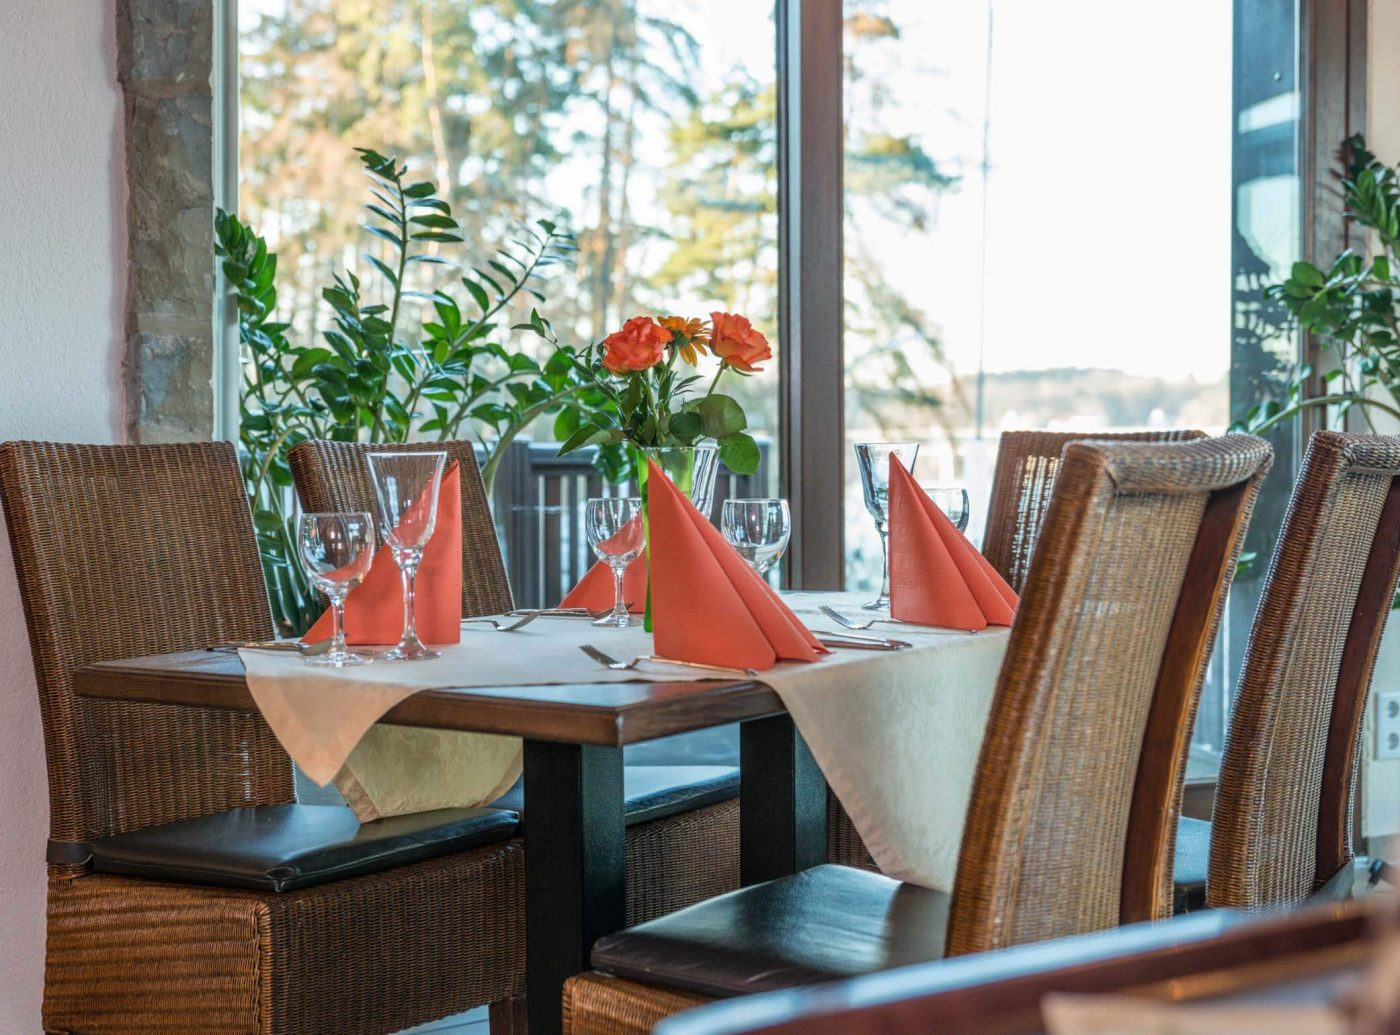 Forsthaus am Möhnesee Restaurant 5